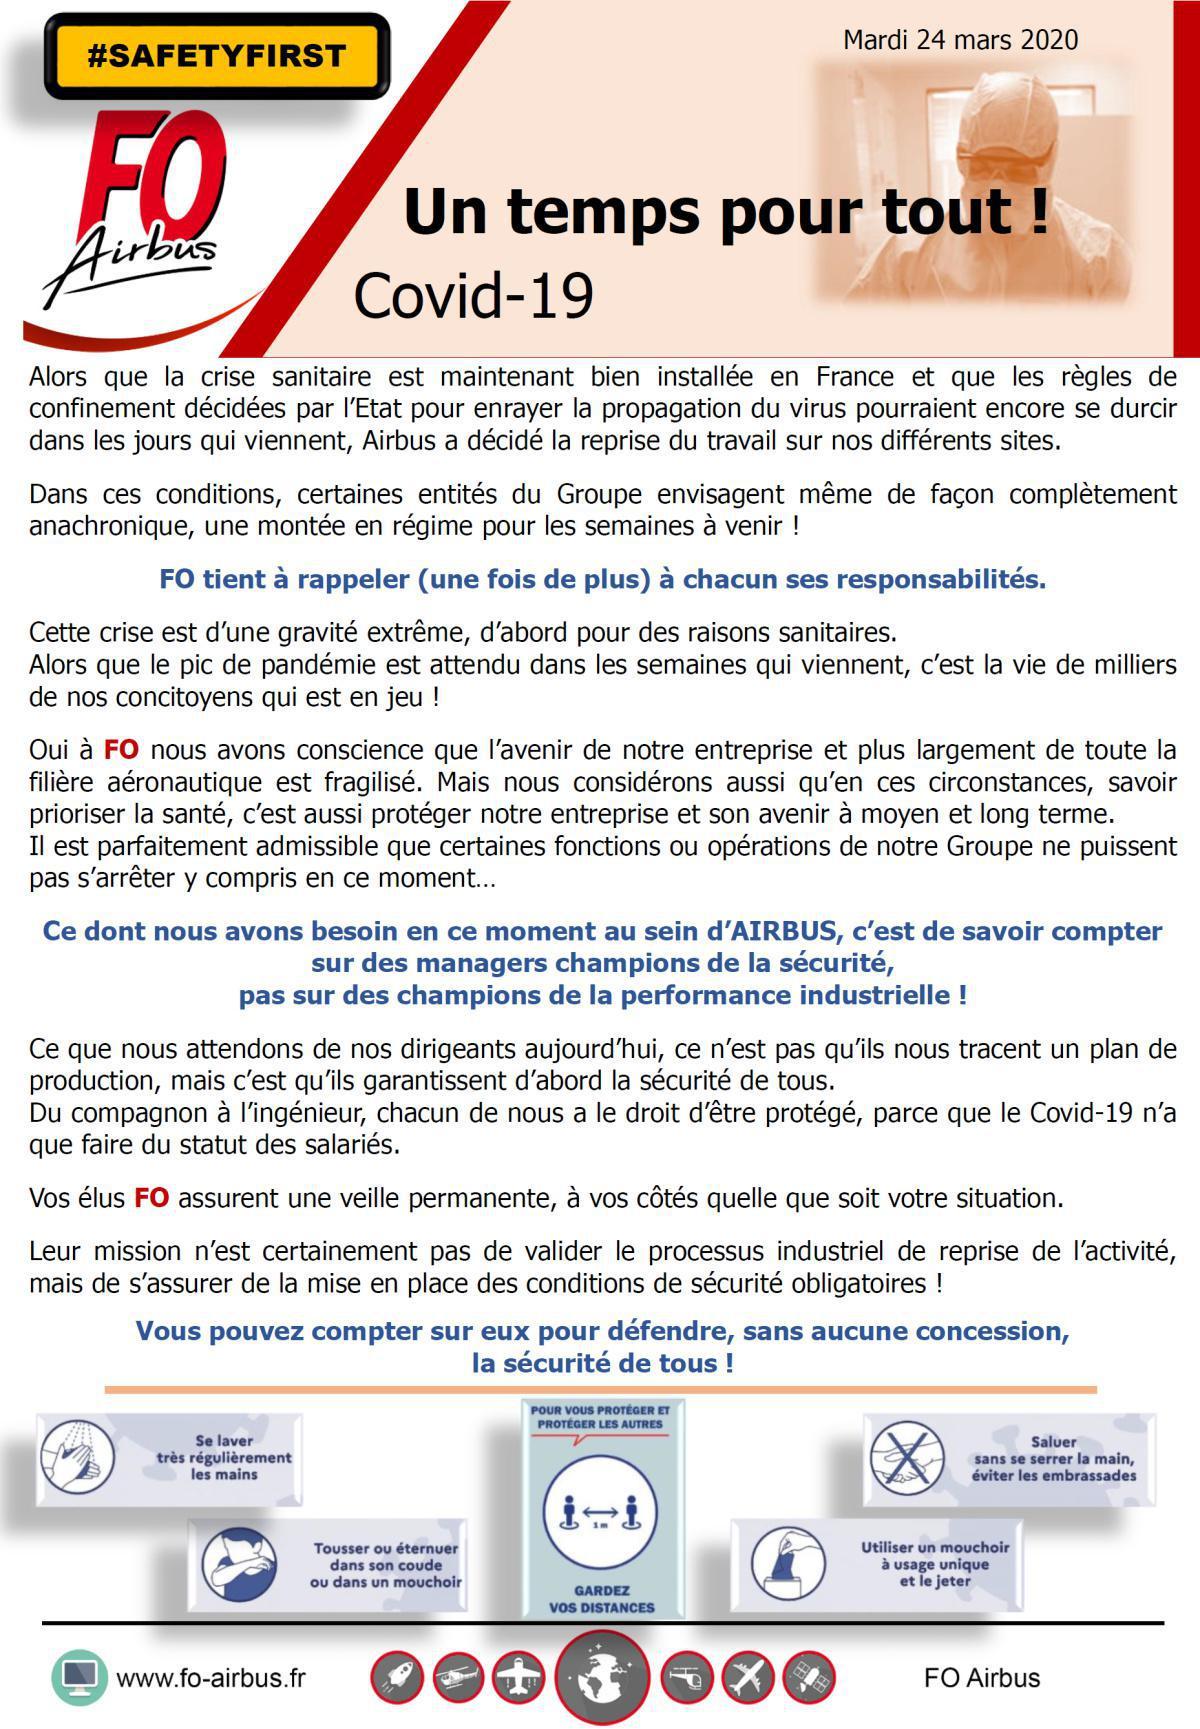 COVID-19, un temps pour tout!